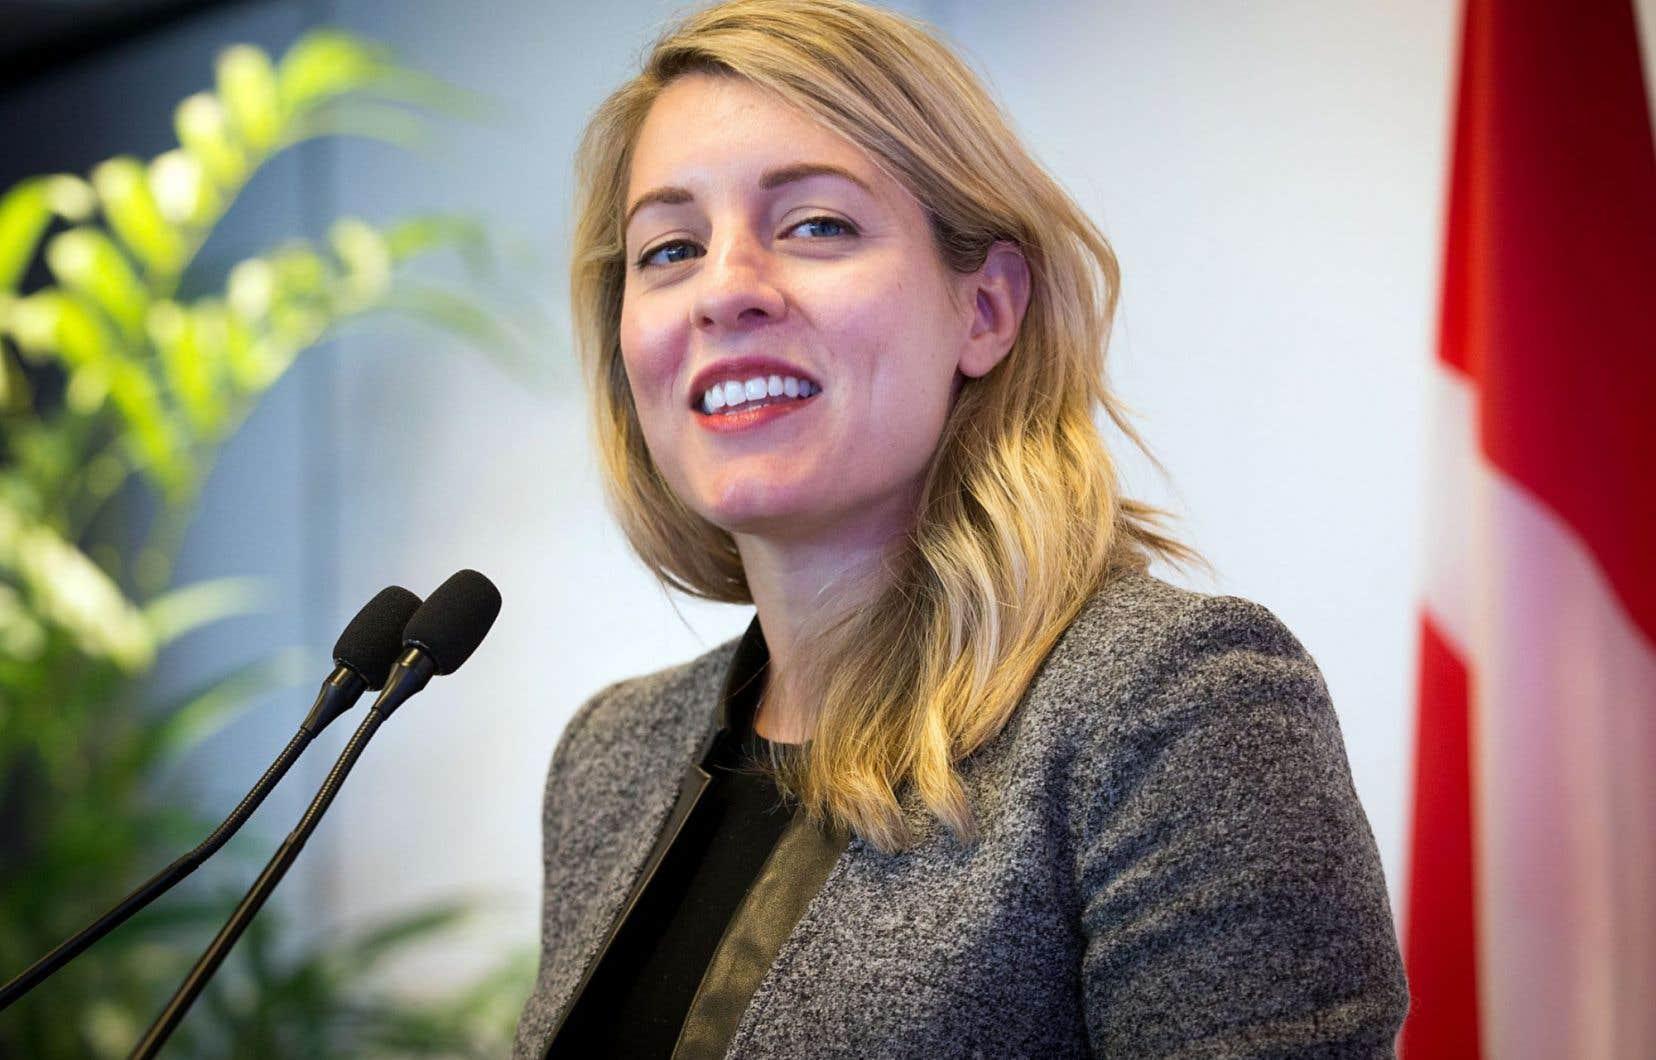 «Je suis allée au-delà de ma lettre de mandat», affirme la ministre libérale en réponse aux critiques sur les consultations publiques qu'elle mène.